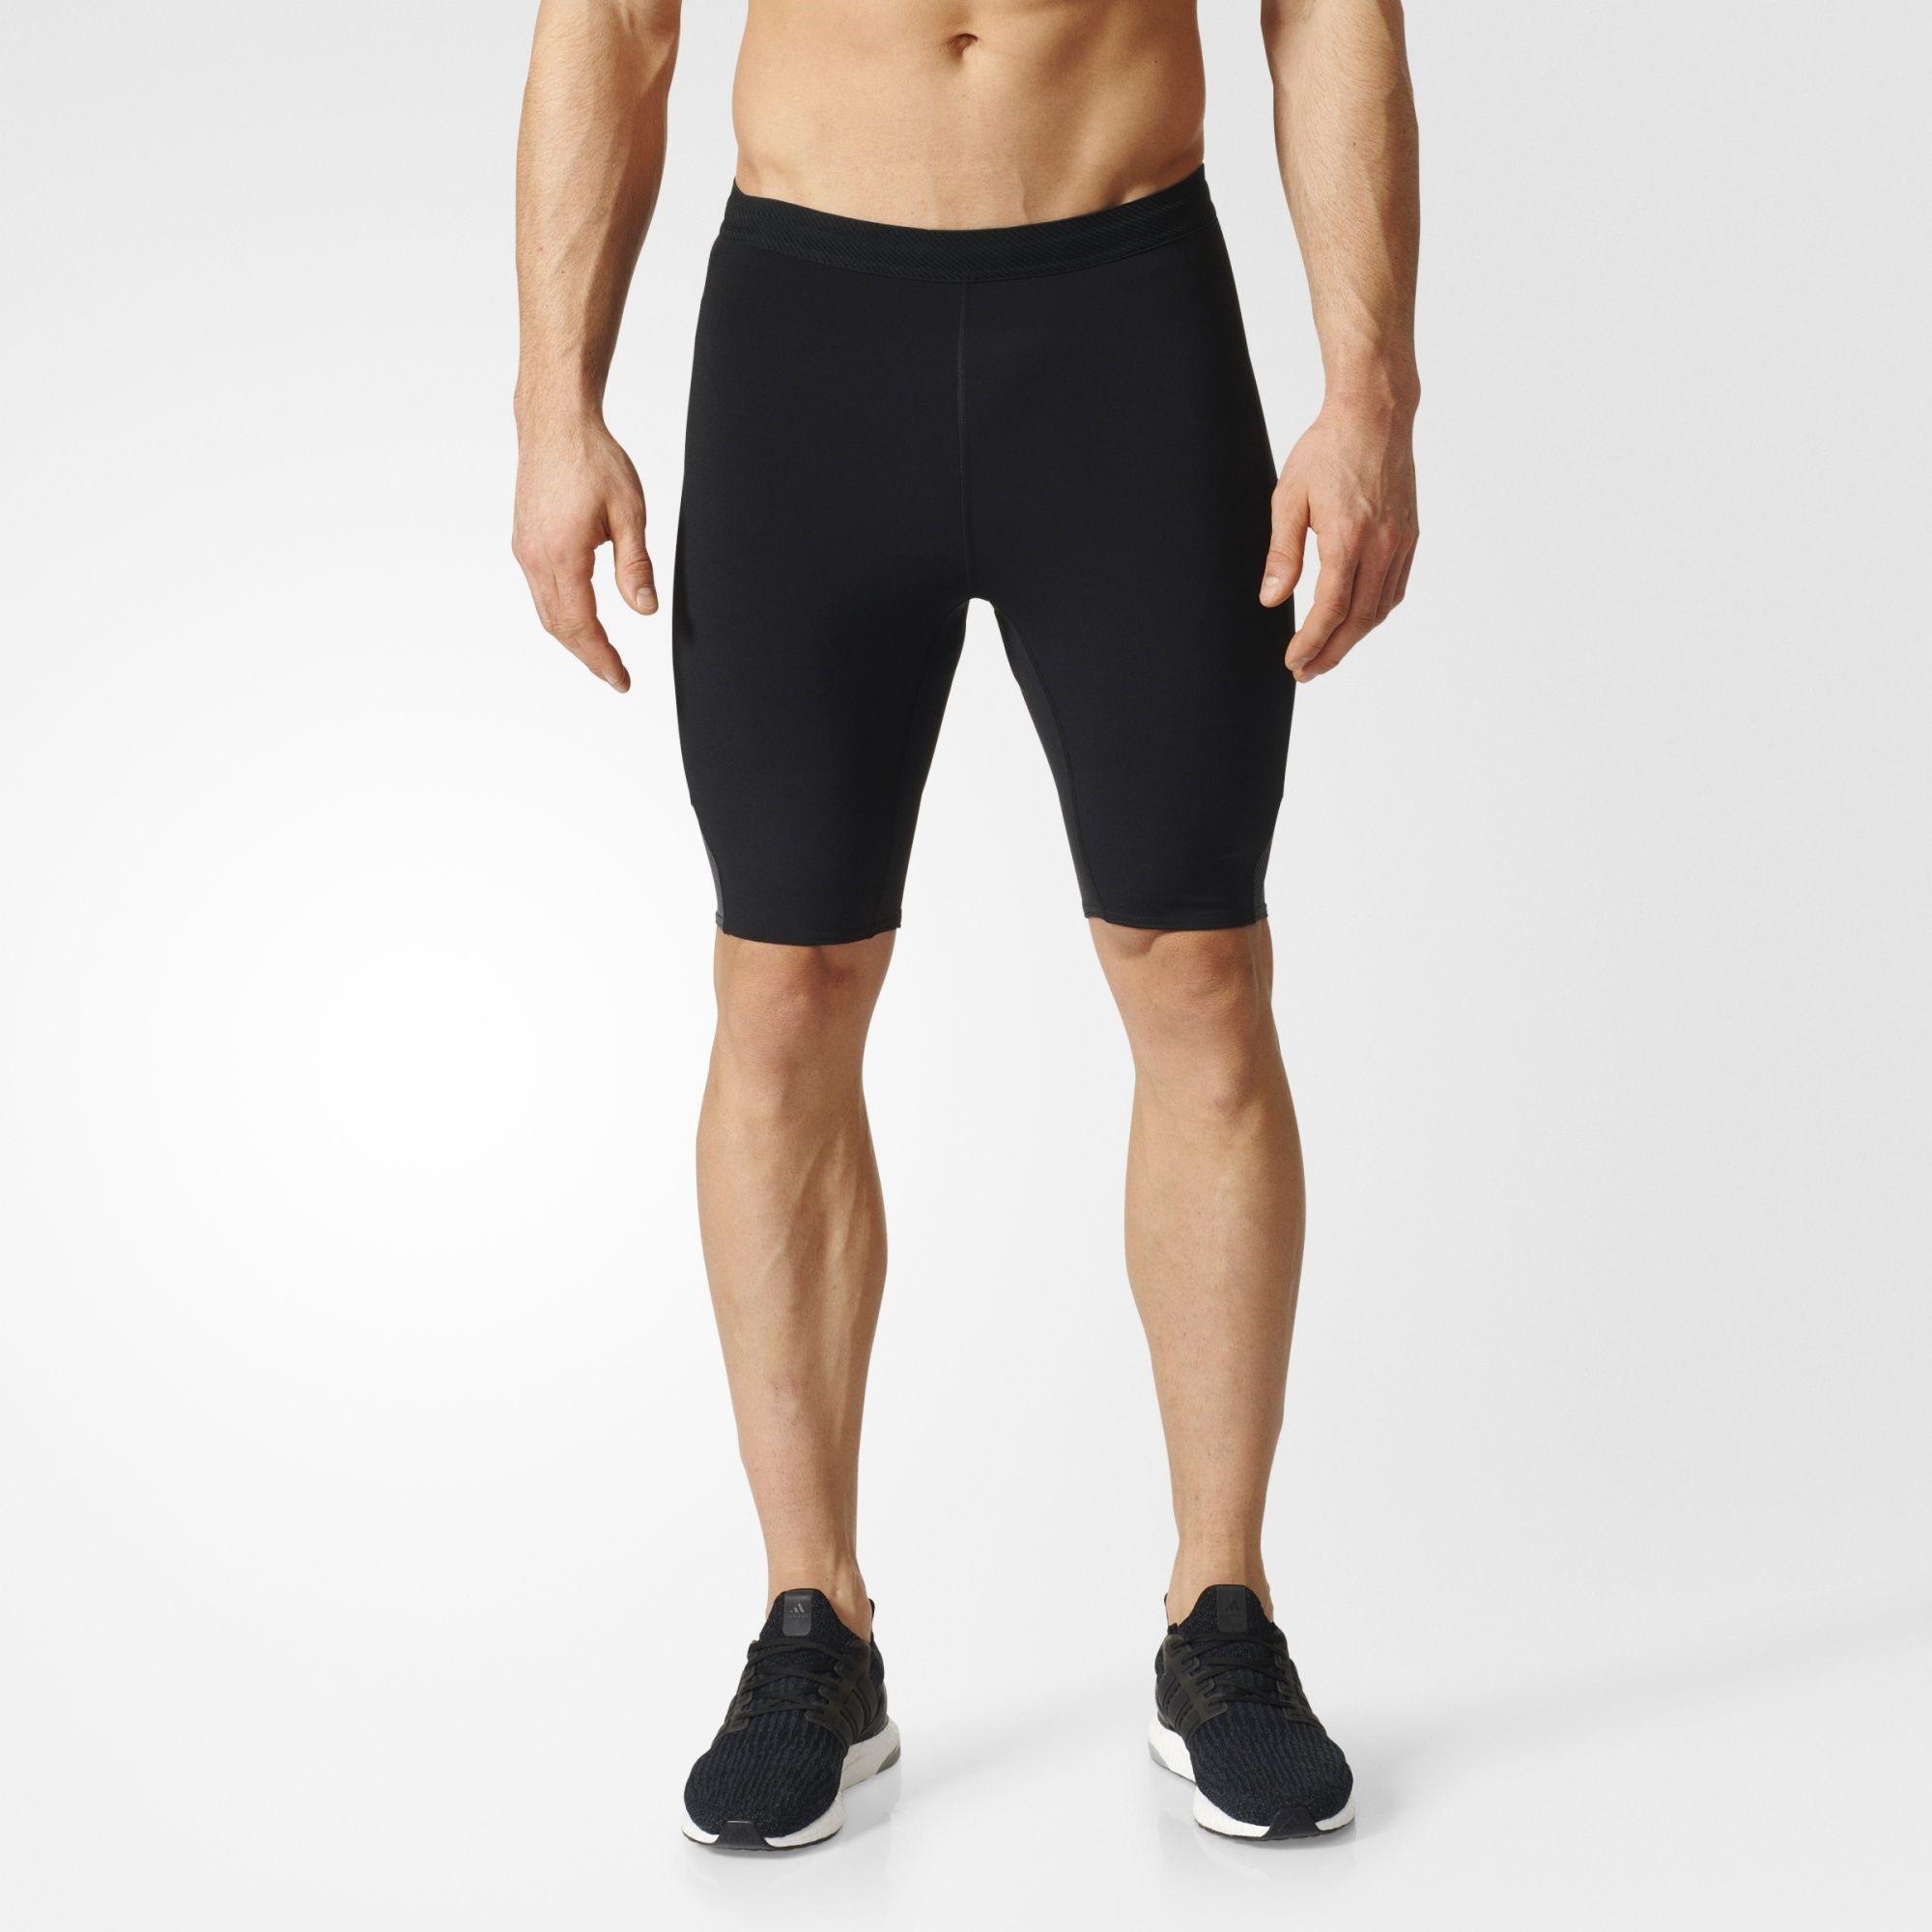 Как выбрать идеальные шорты для бега: полезные советы